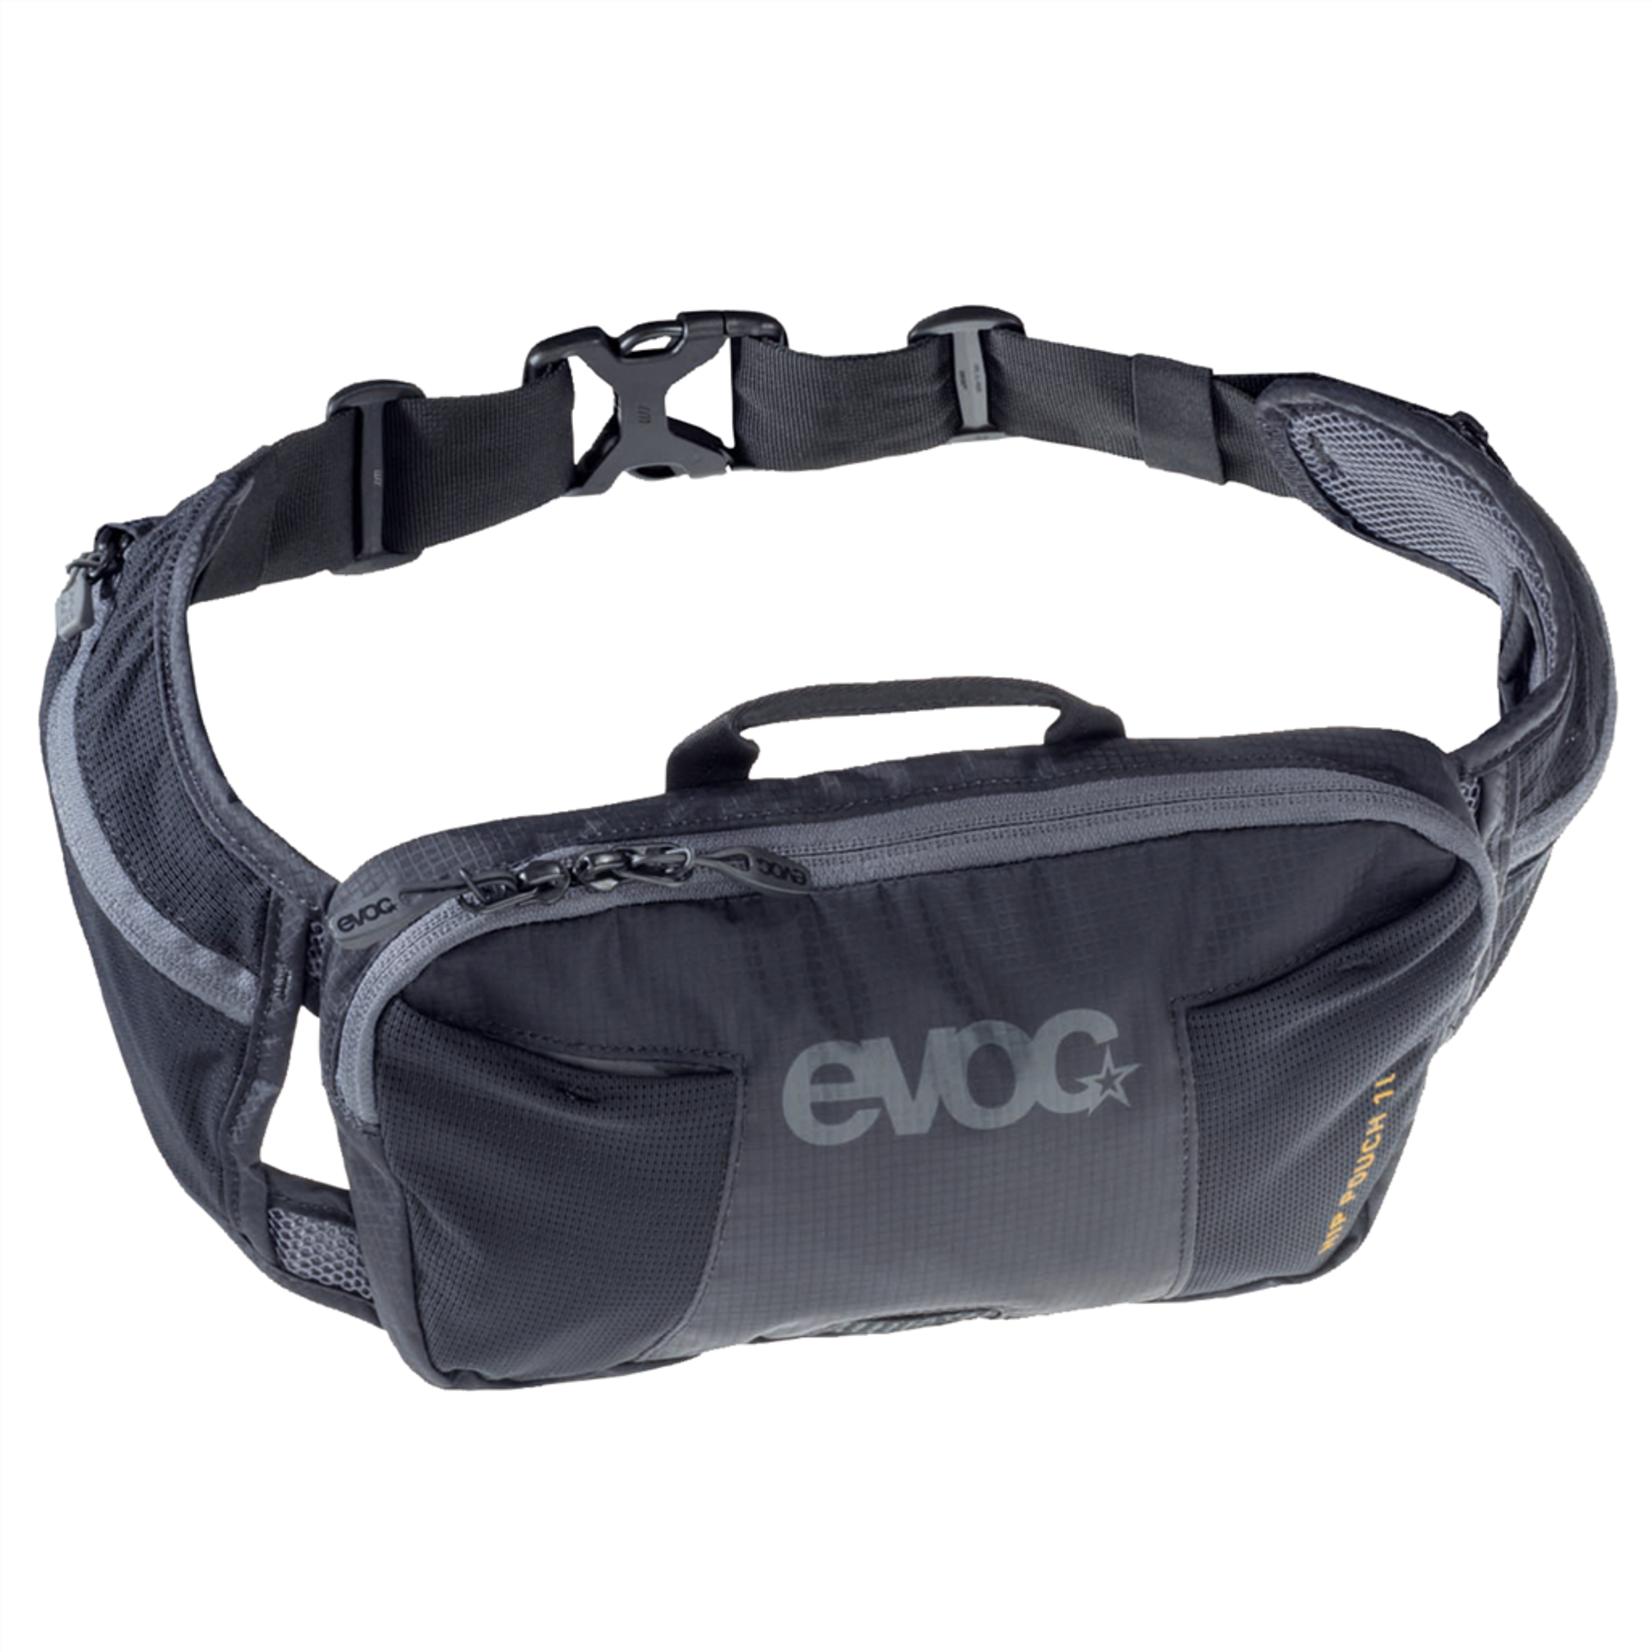 EVOC EVOC marsupio HIP Pouch 1L - black